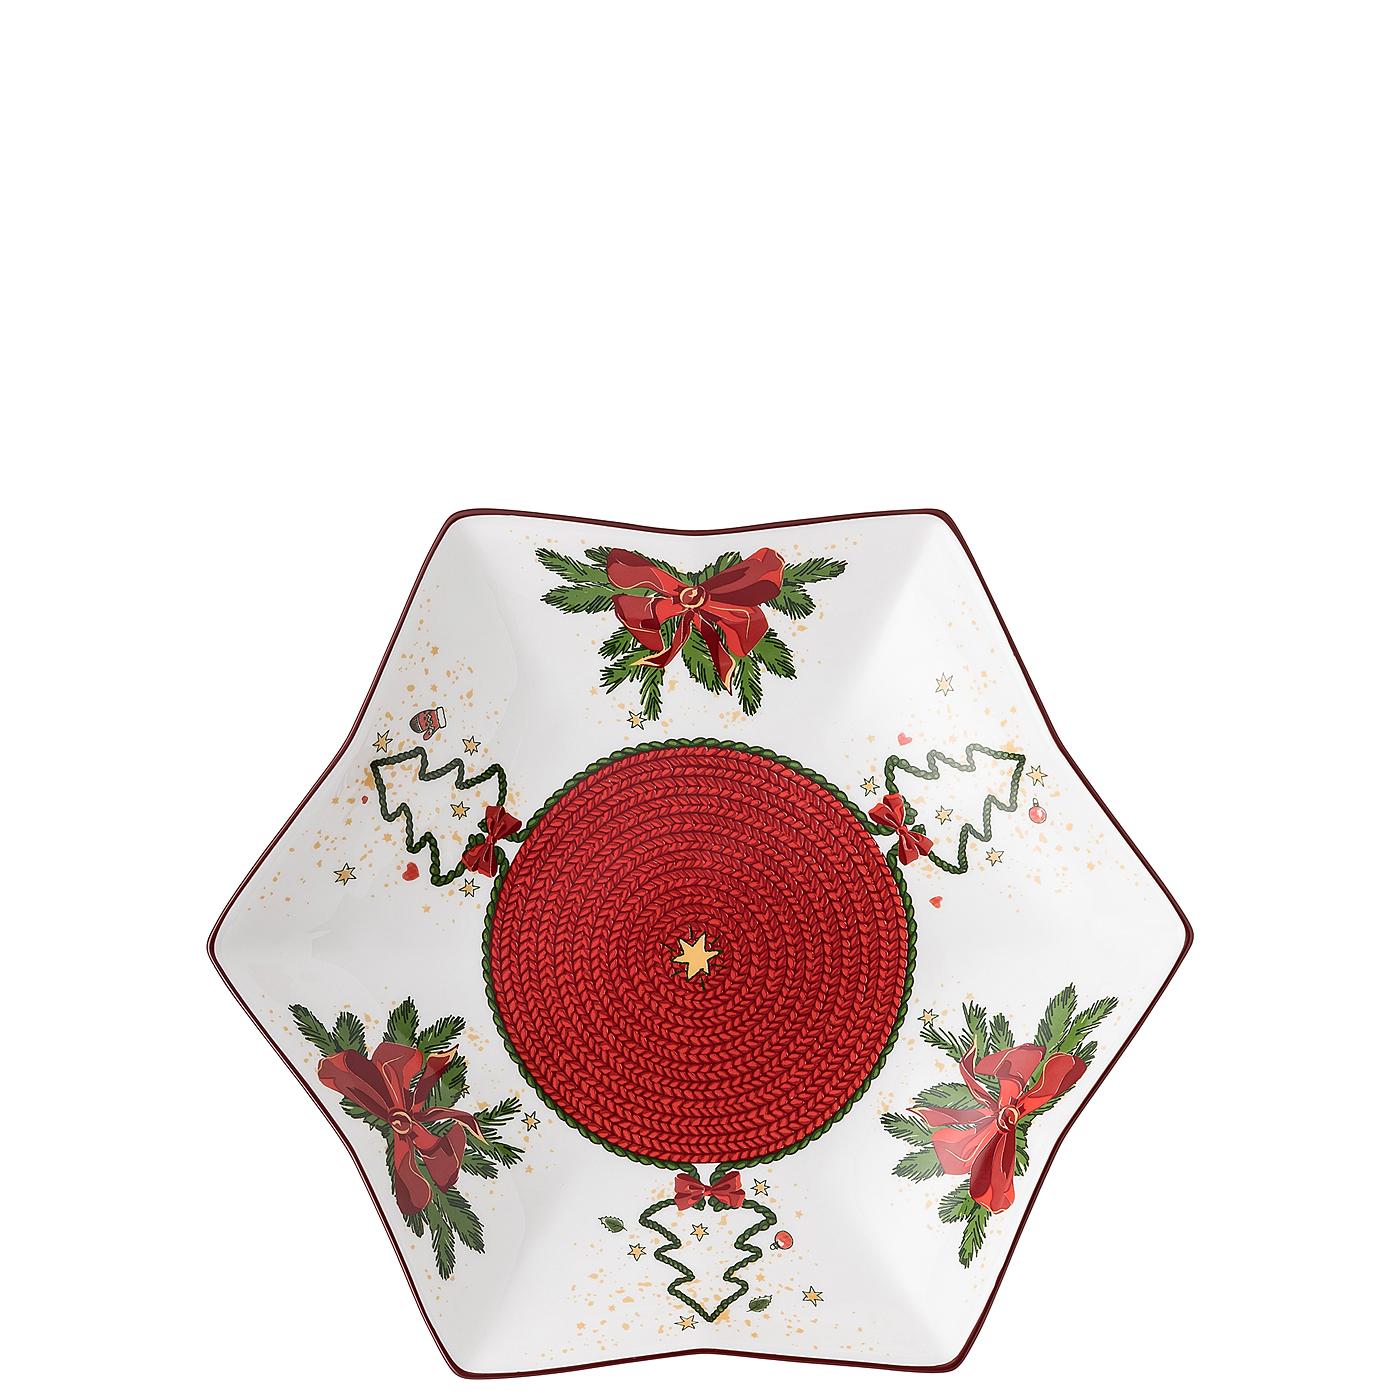 Sternschale 24 cm Nora Weihnachtszeit Hutschenreuther